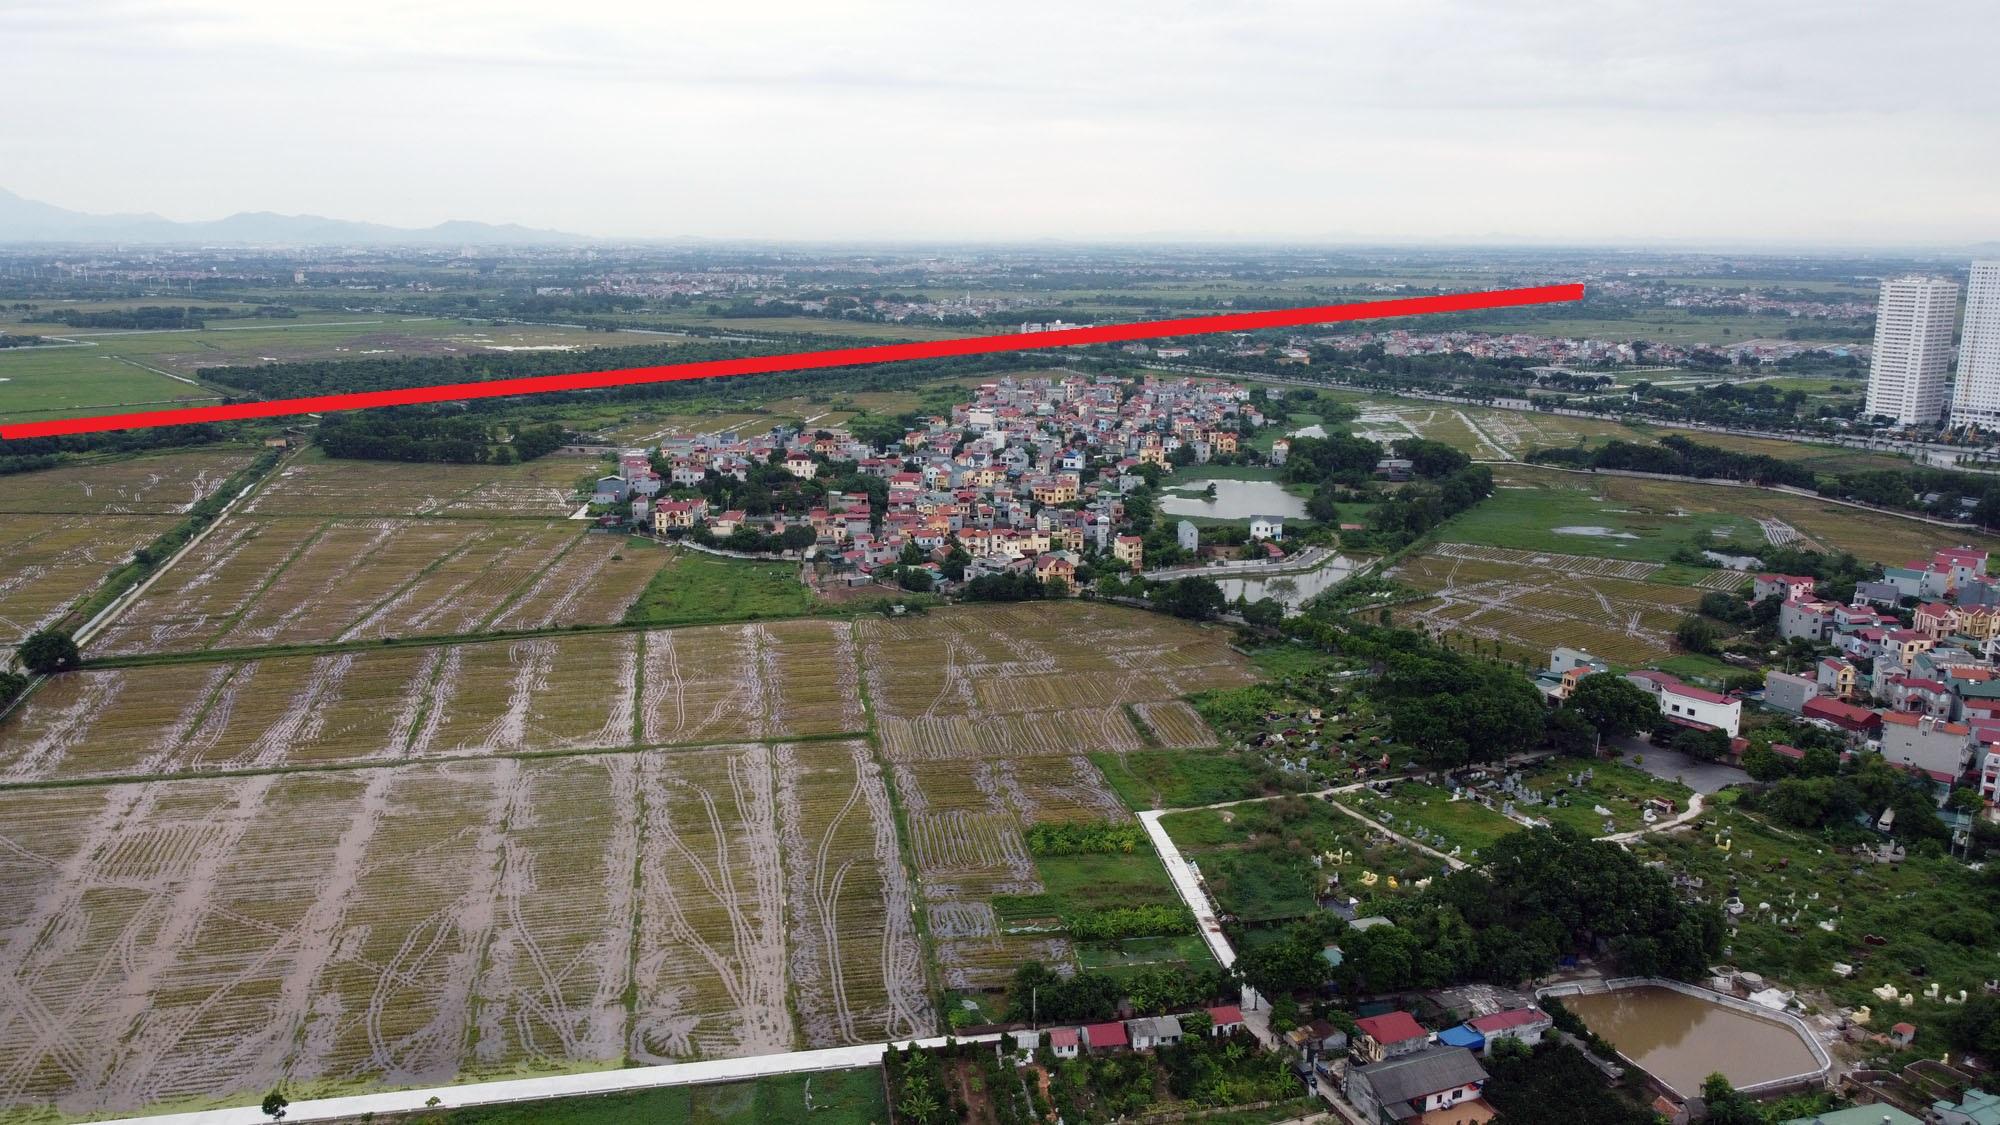 đường sẽ mở theo qui hoạch ở xã Đông Hội, Đông Anh, Hà Nội - Ảnh 5.